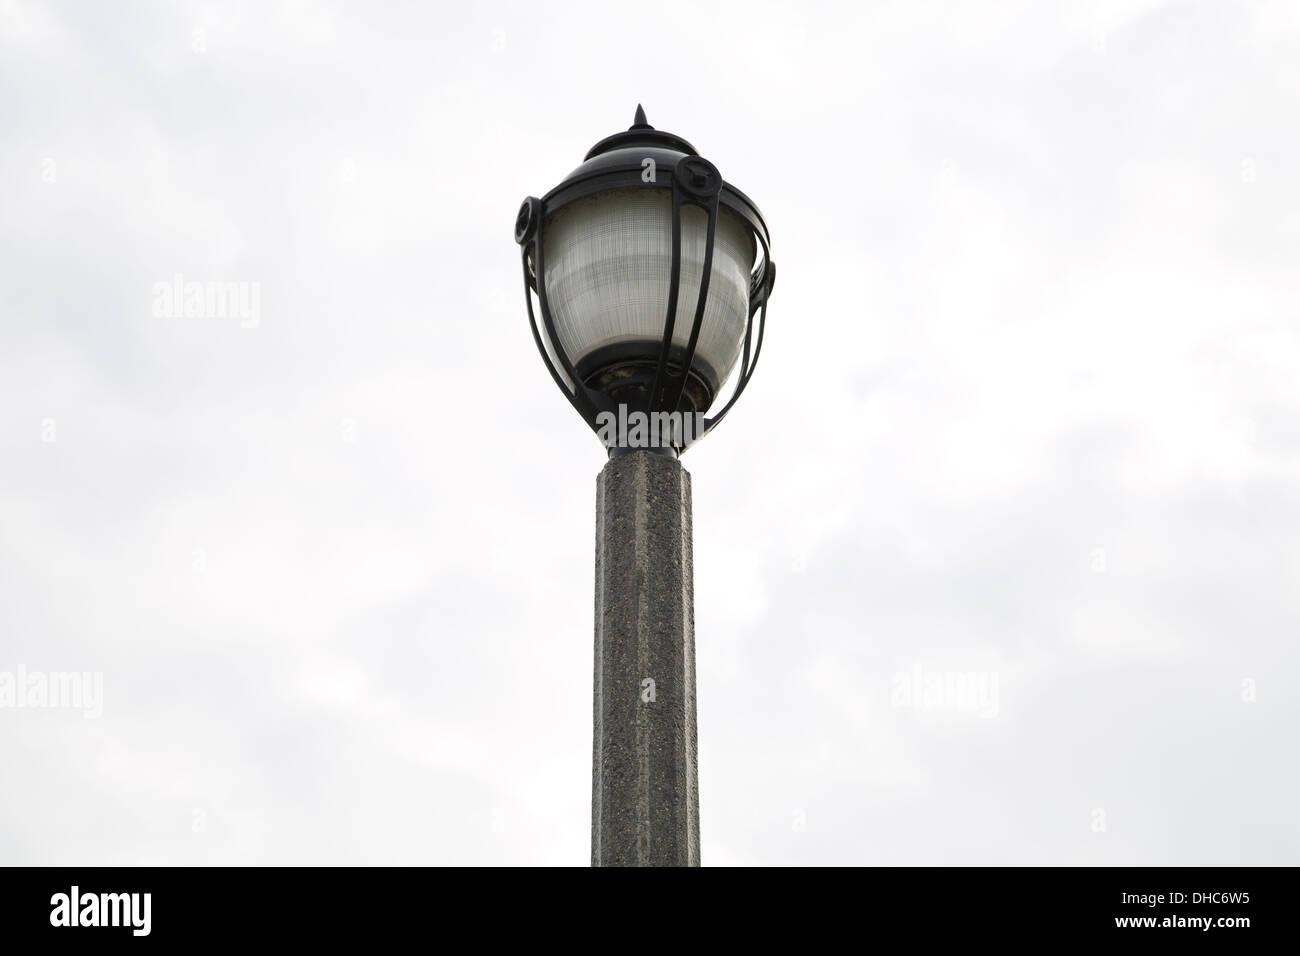 Lampe Réverbère Photo Stock